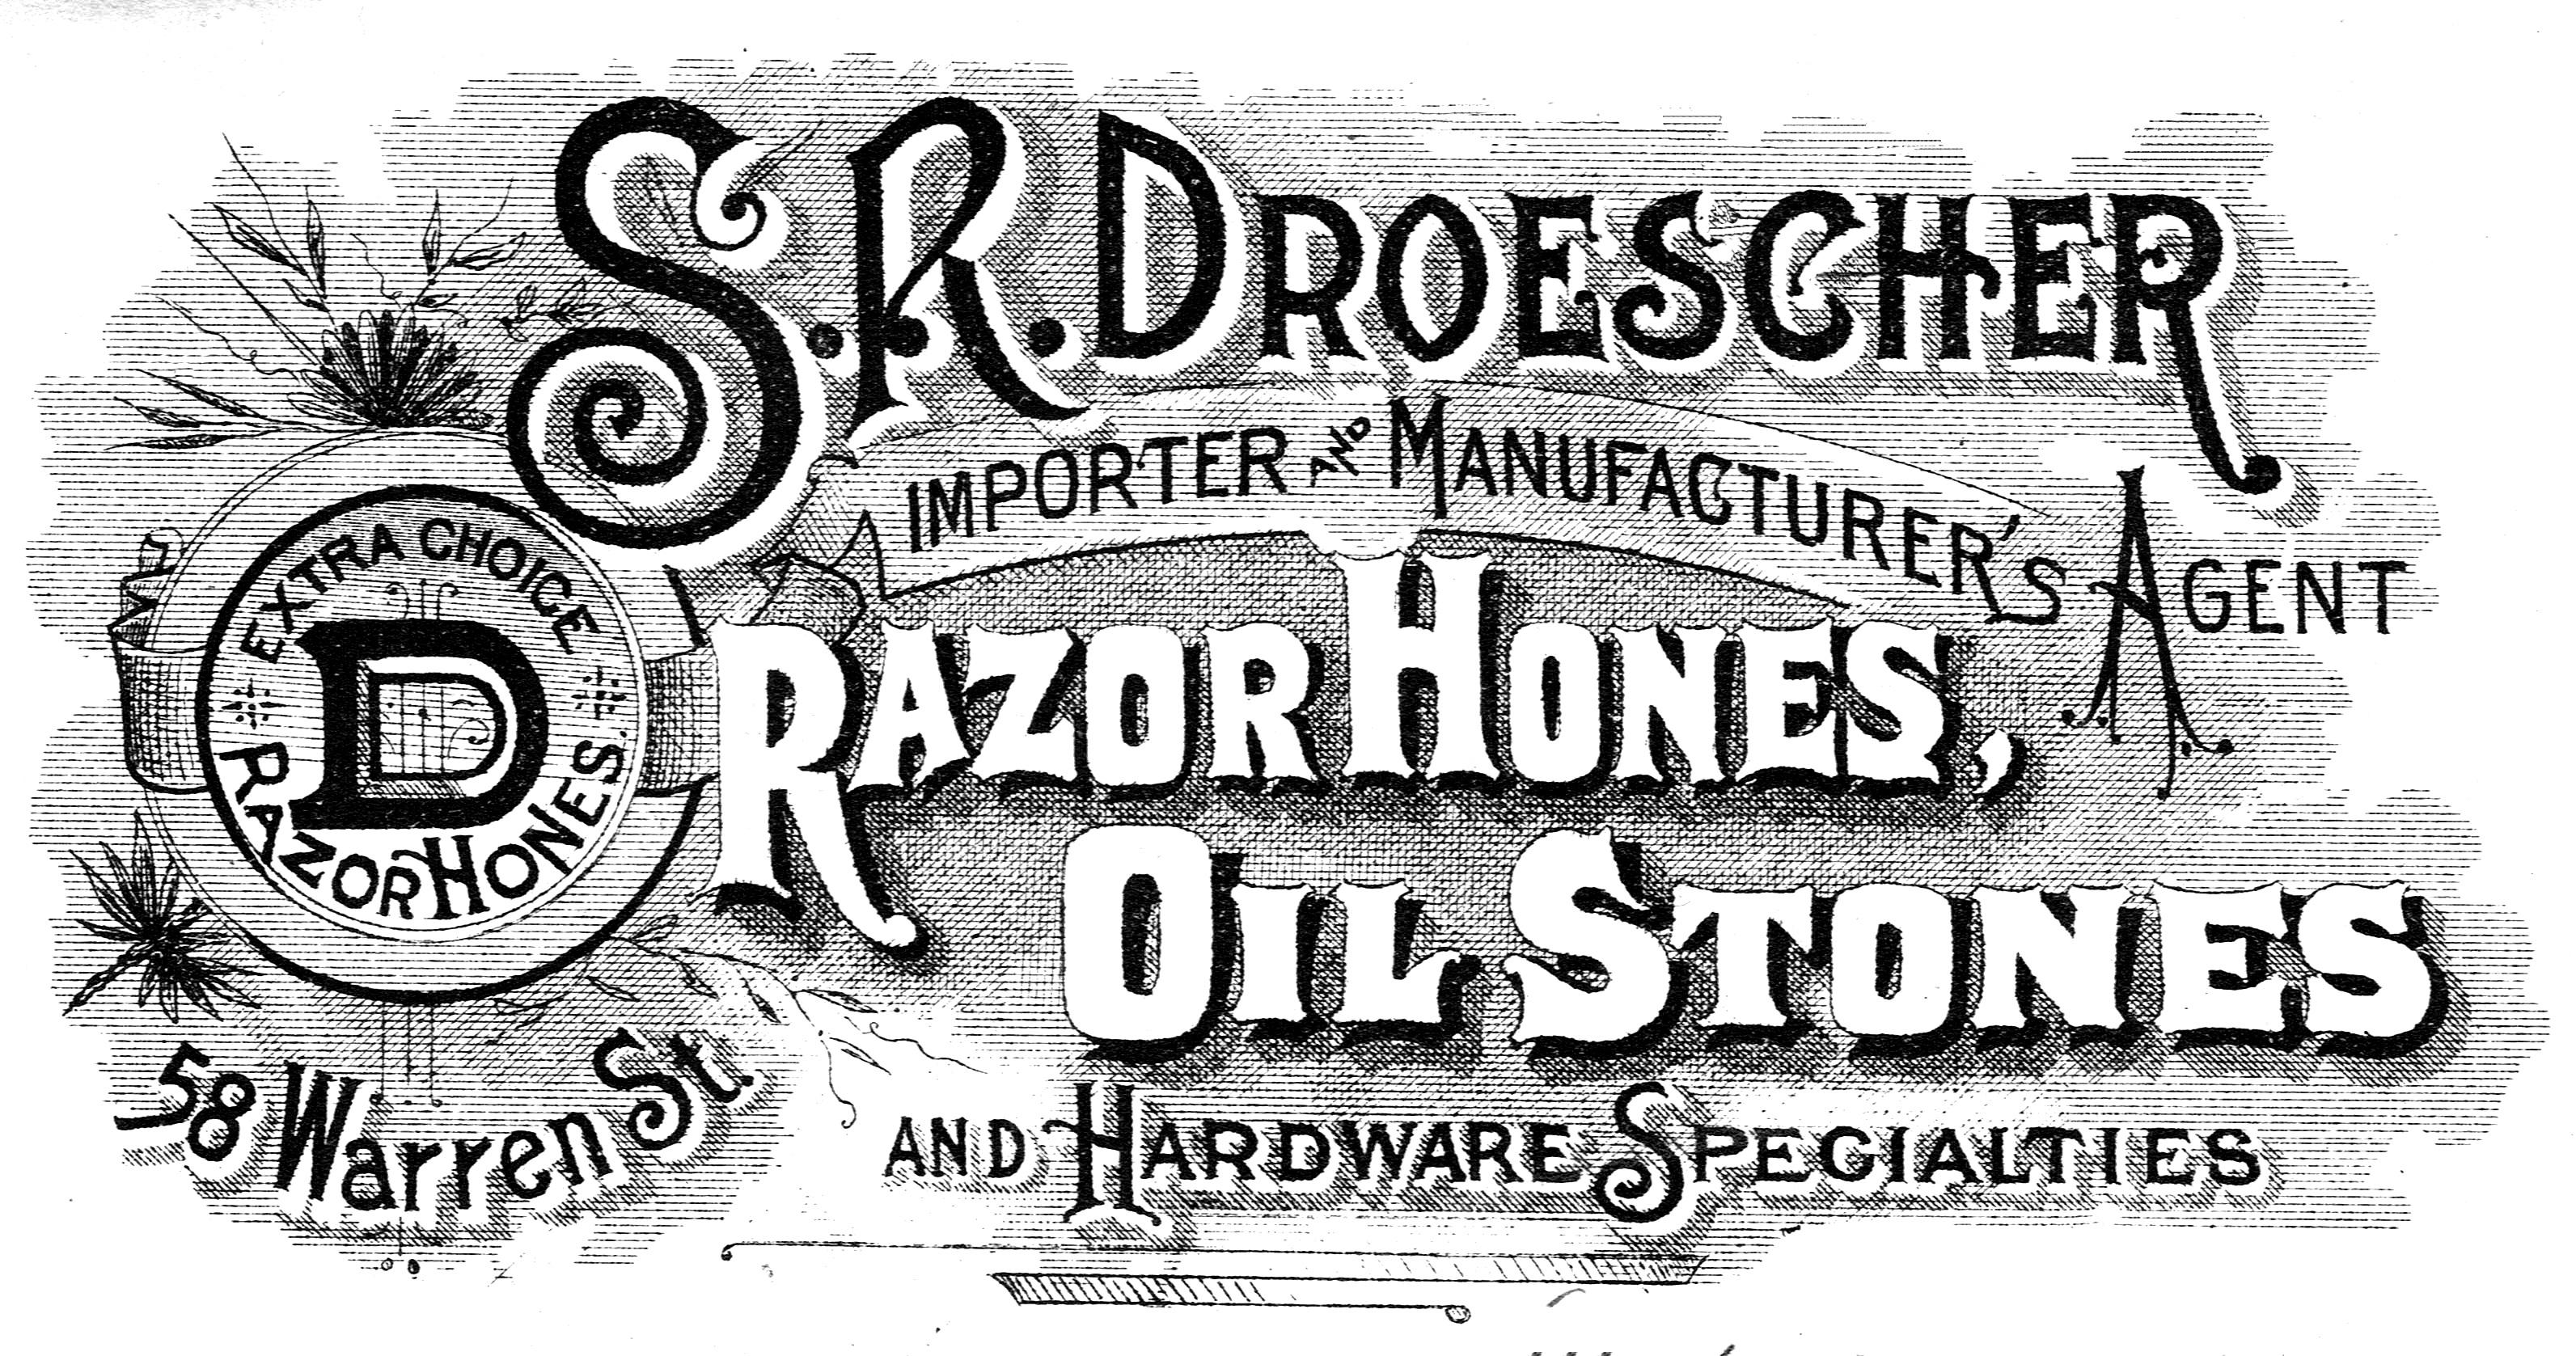 1894_10_05_SR Droescher Letterhead (SRD)